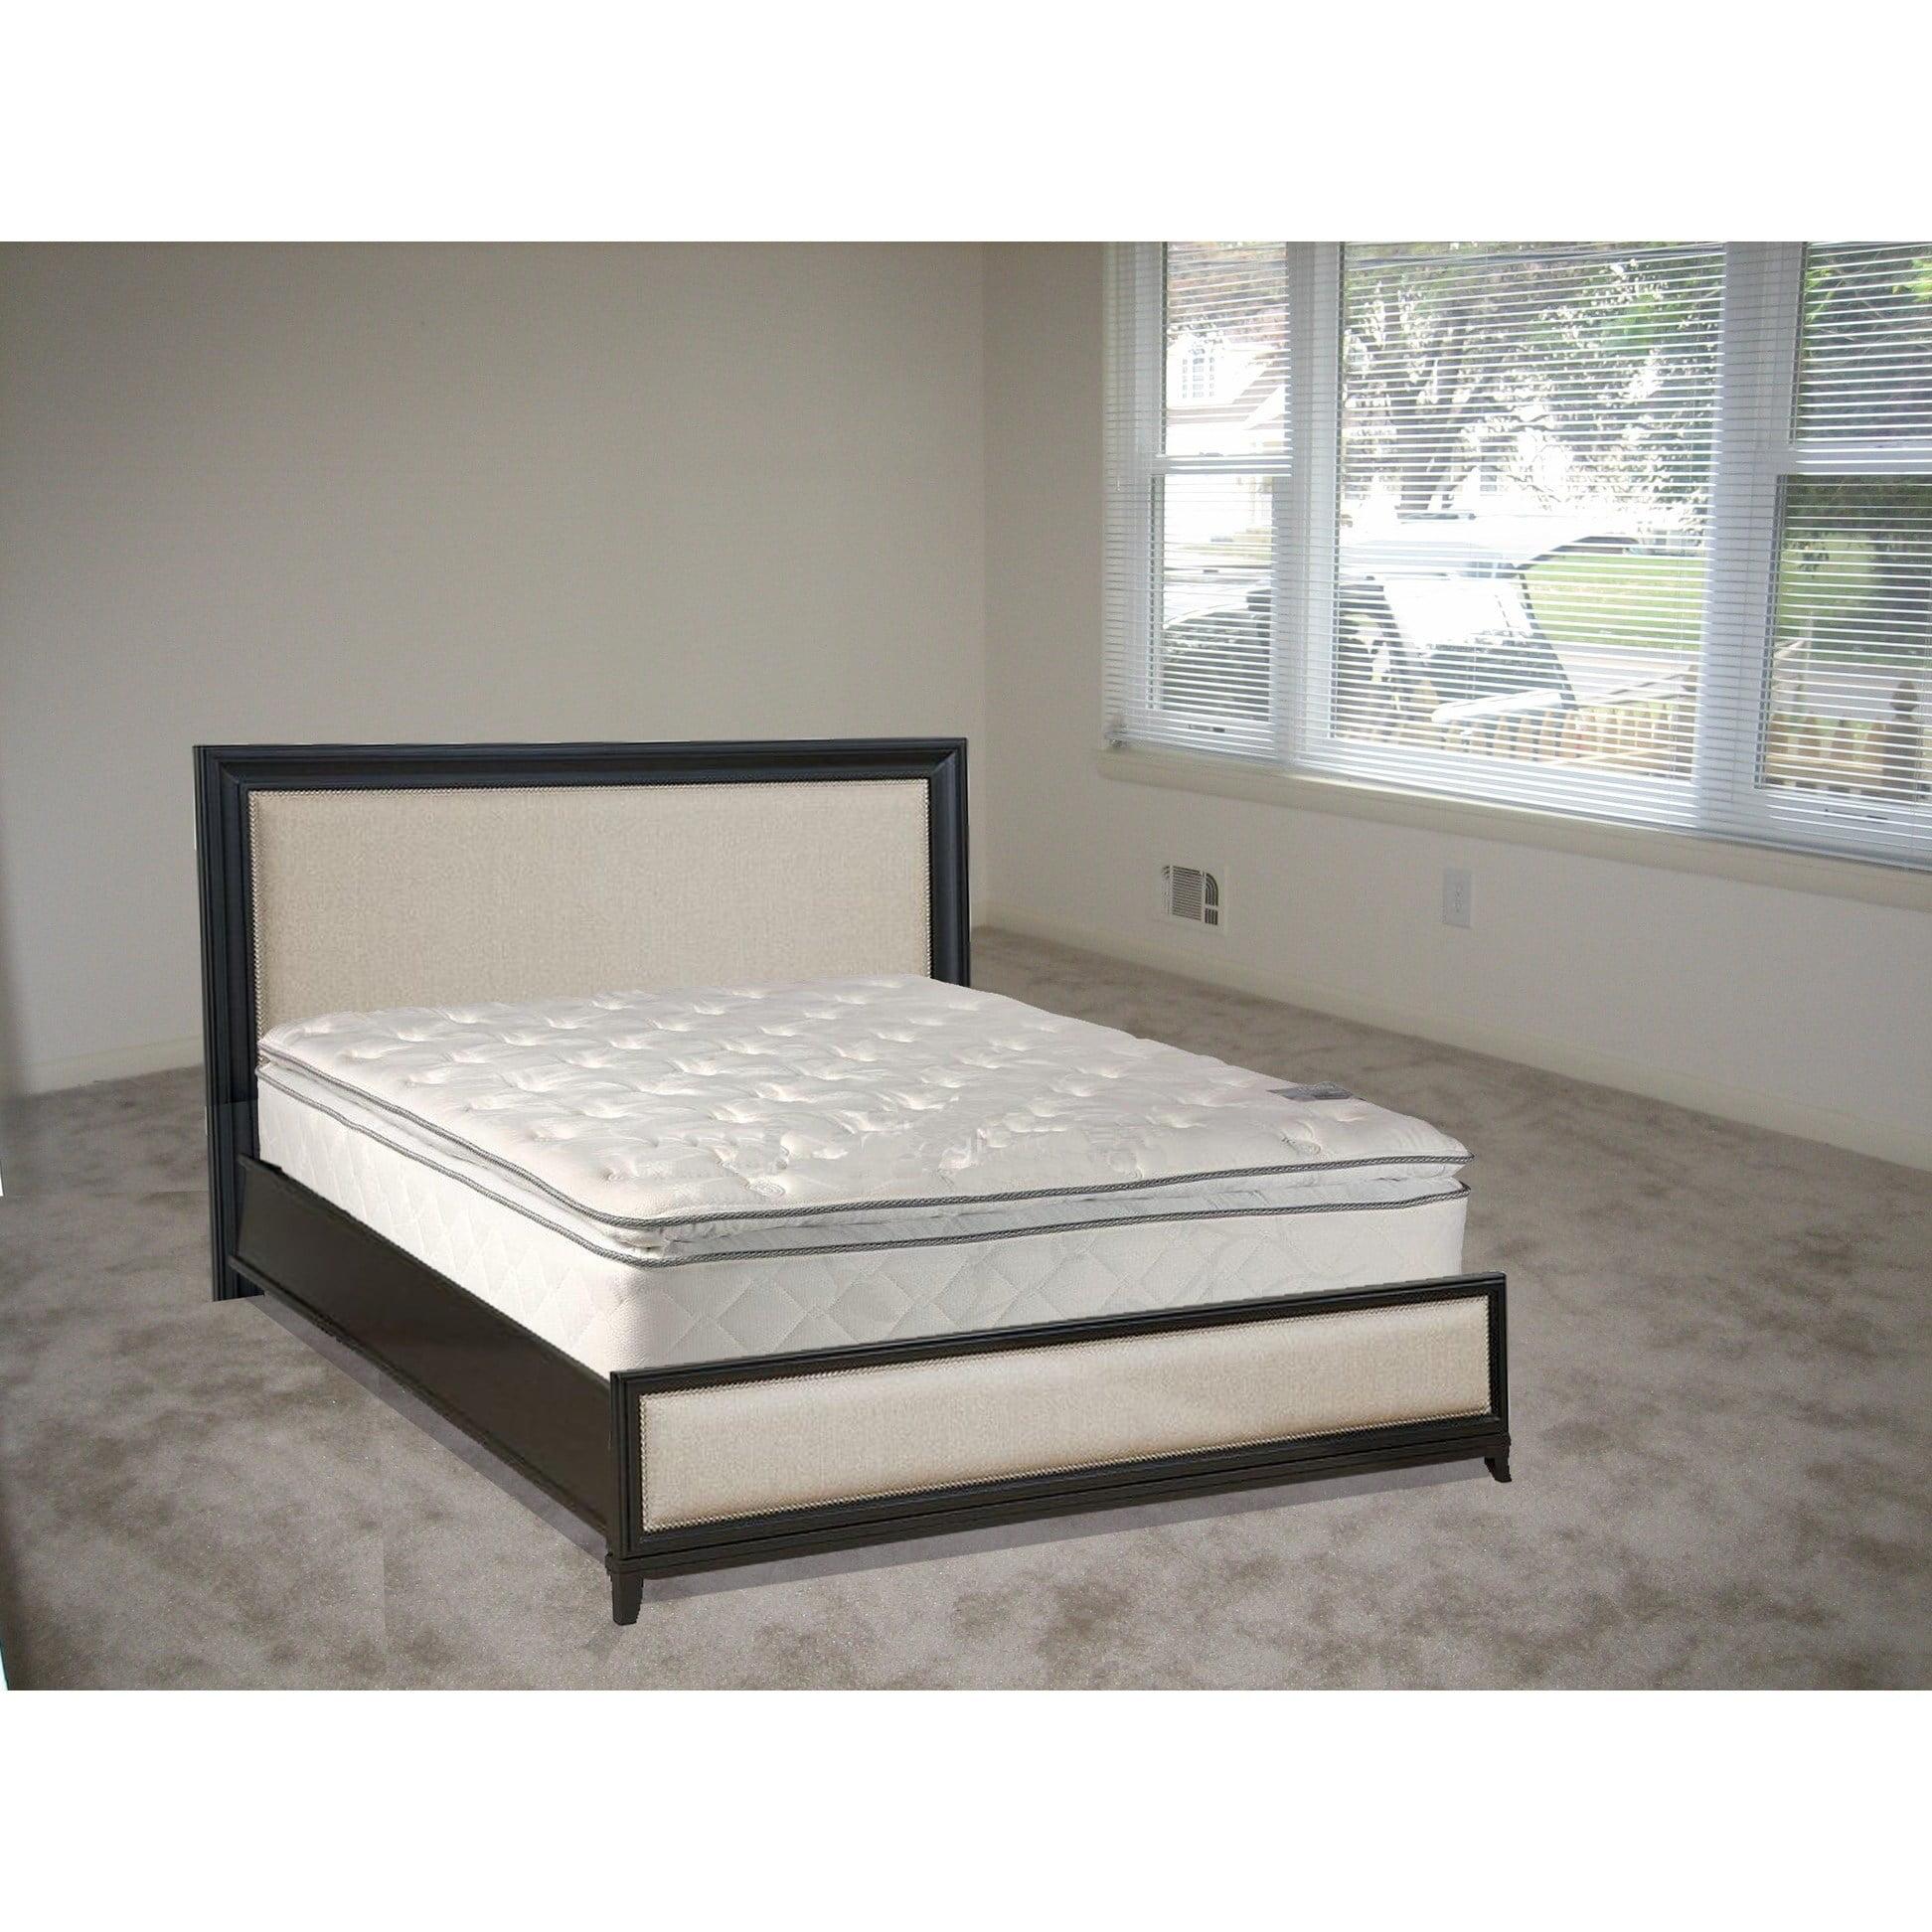 Continental Sleep , Medium Plush Pillowtop Doublesided Mattress, Queen Size